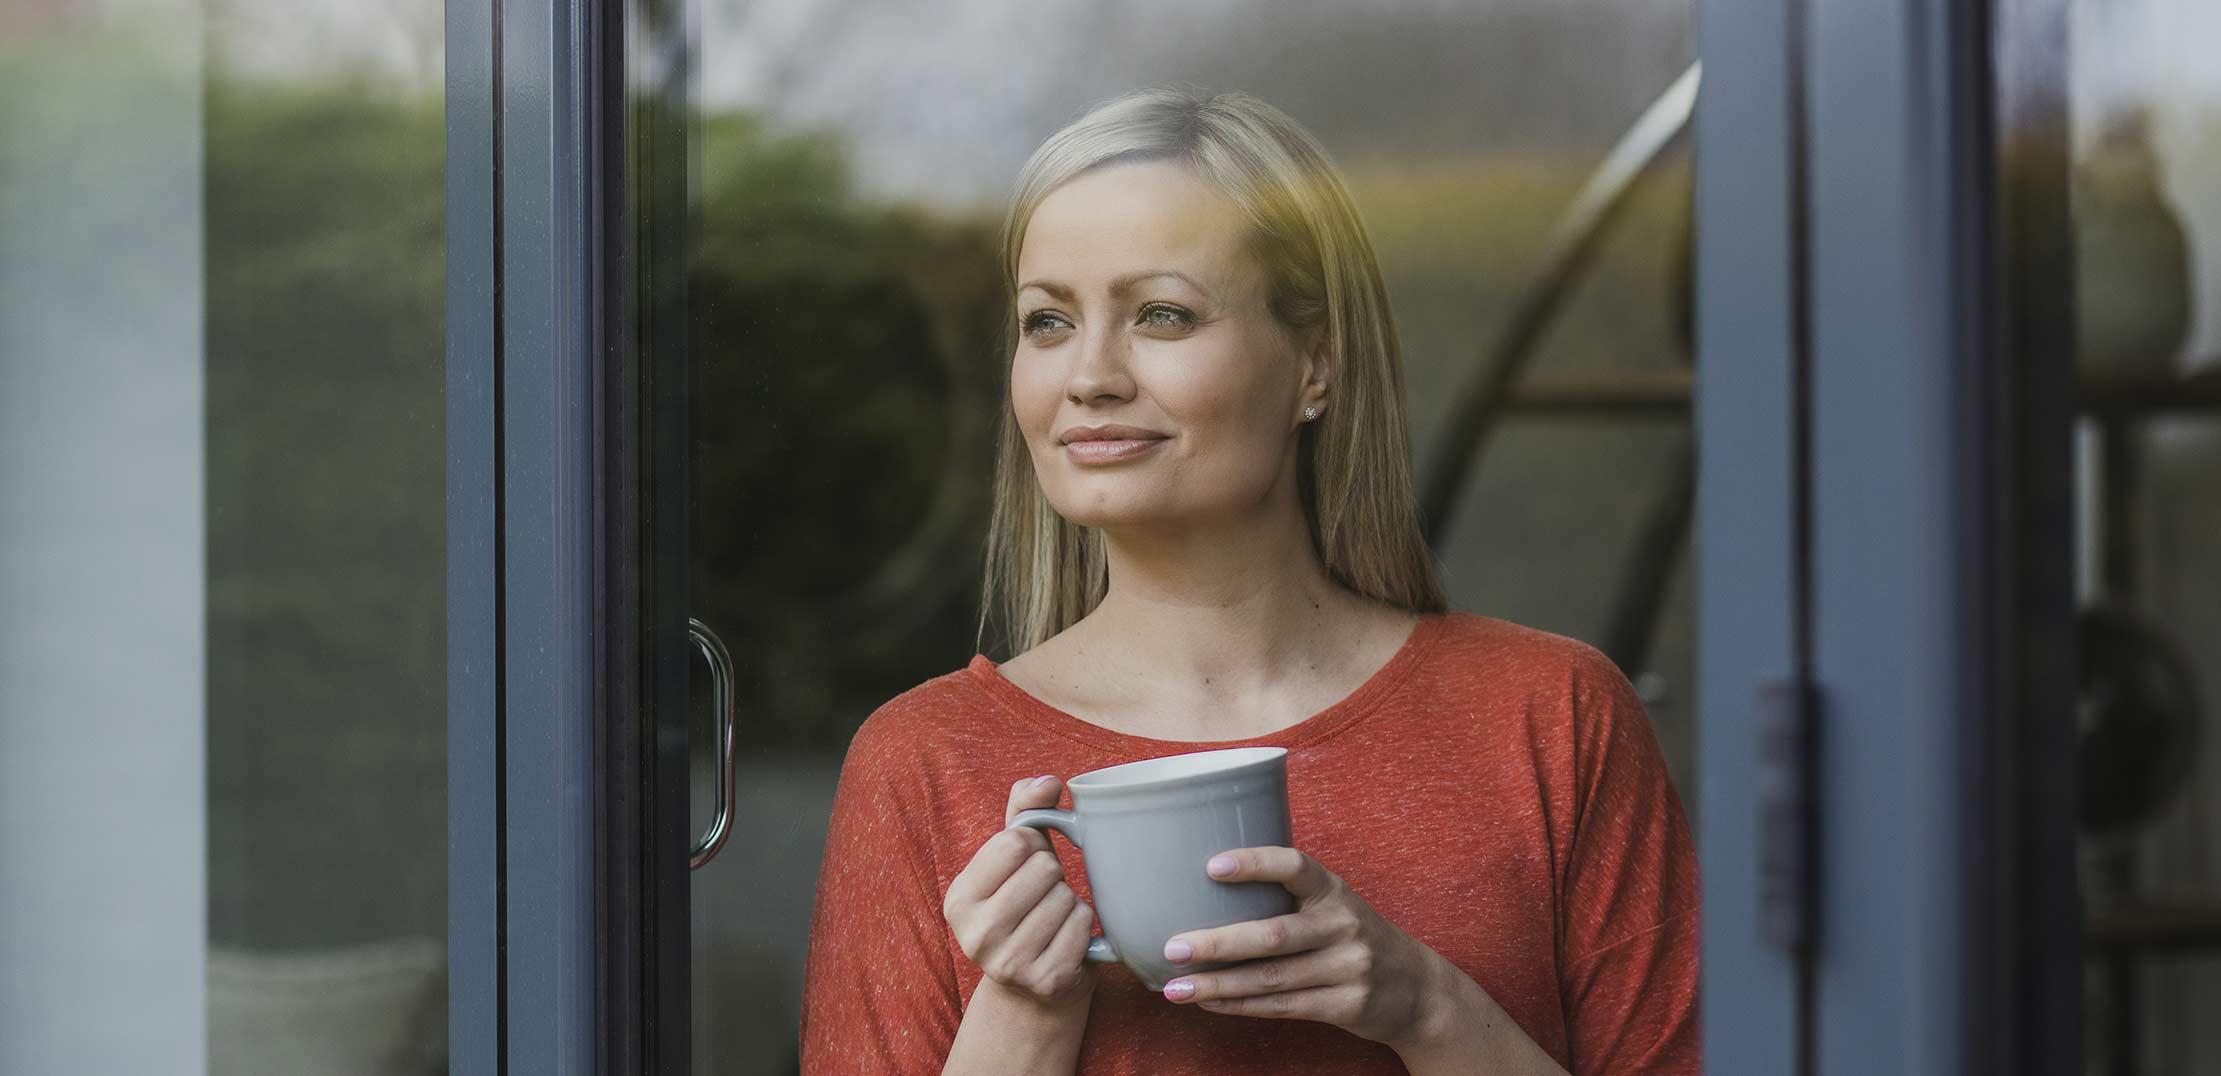 Mujer mirando ventana aluminio